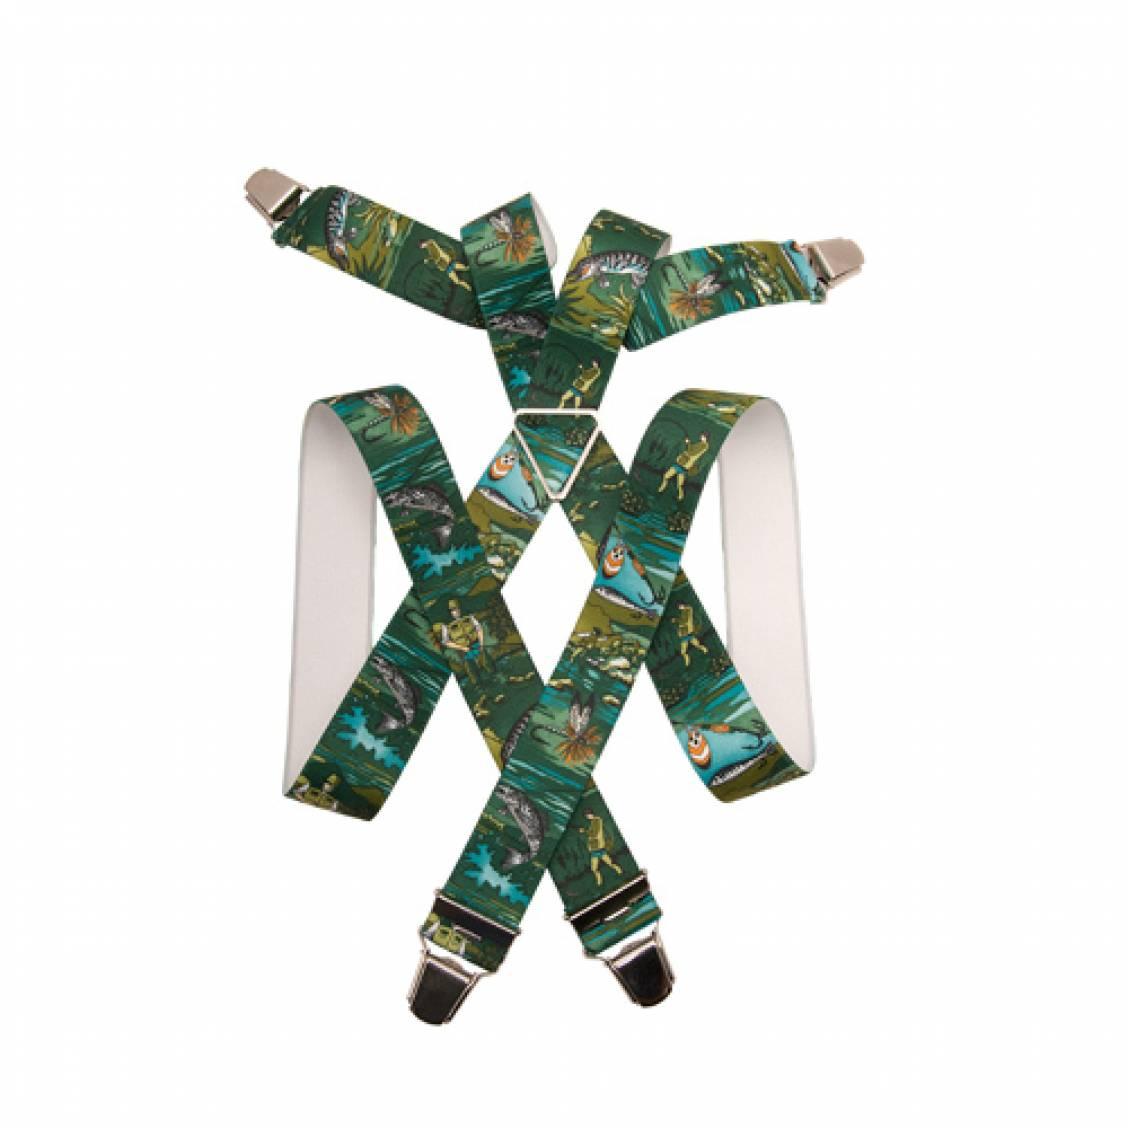 Bretelles à motifs   toute la collection de bretelles fantaisie ... 5f52242eccae